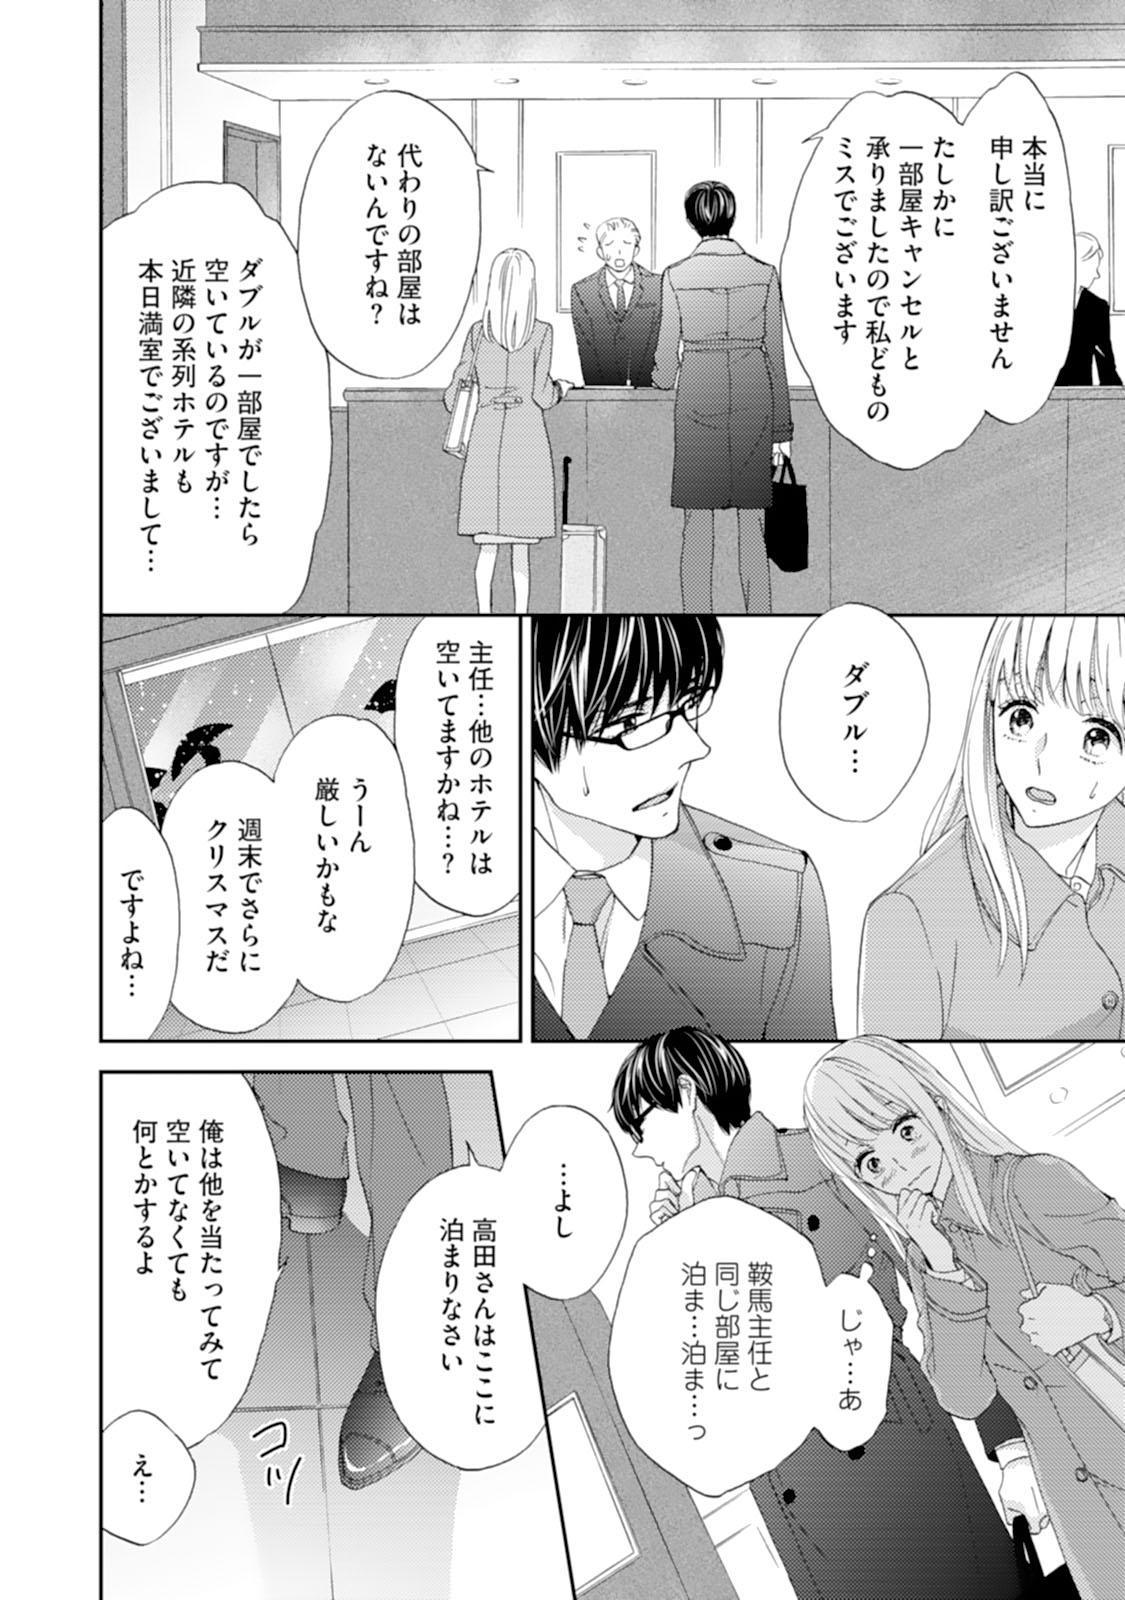 [Adumi Yuu] Choukyou-kei Danshi Ookami-sama to Koneko-chan Ch. 1-3 9